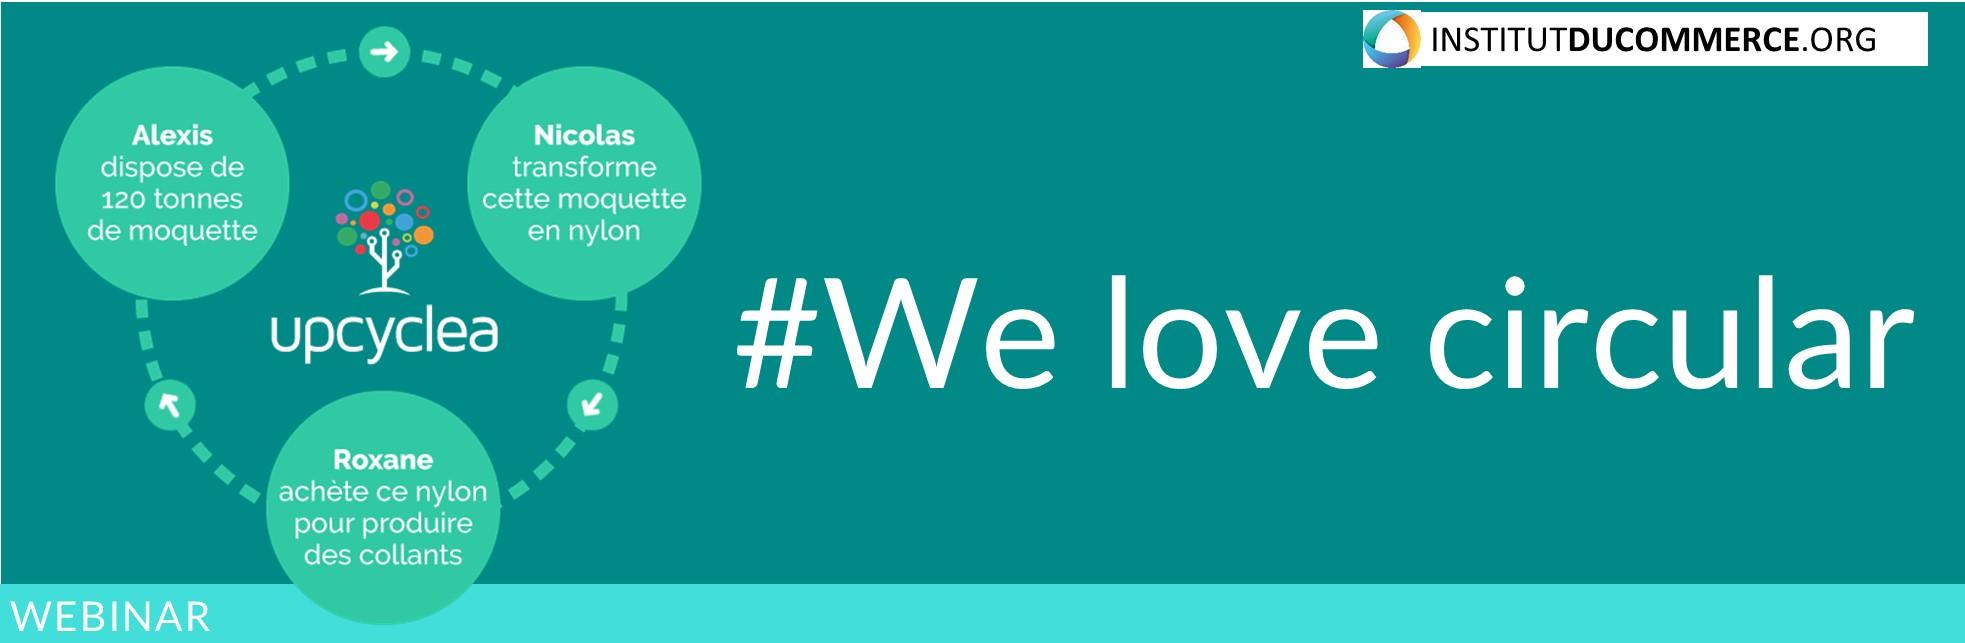 Webinar UPCYCLEA : # we love circular